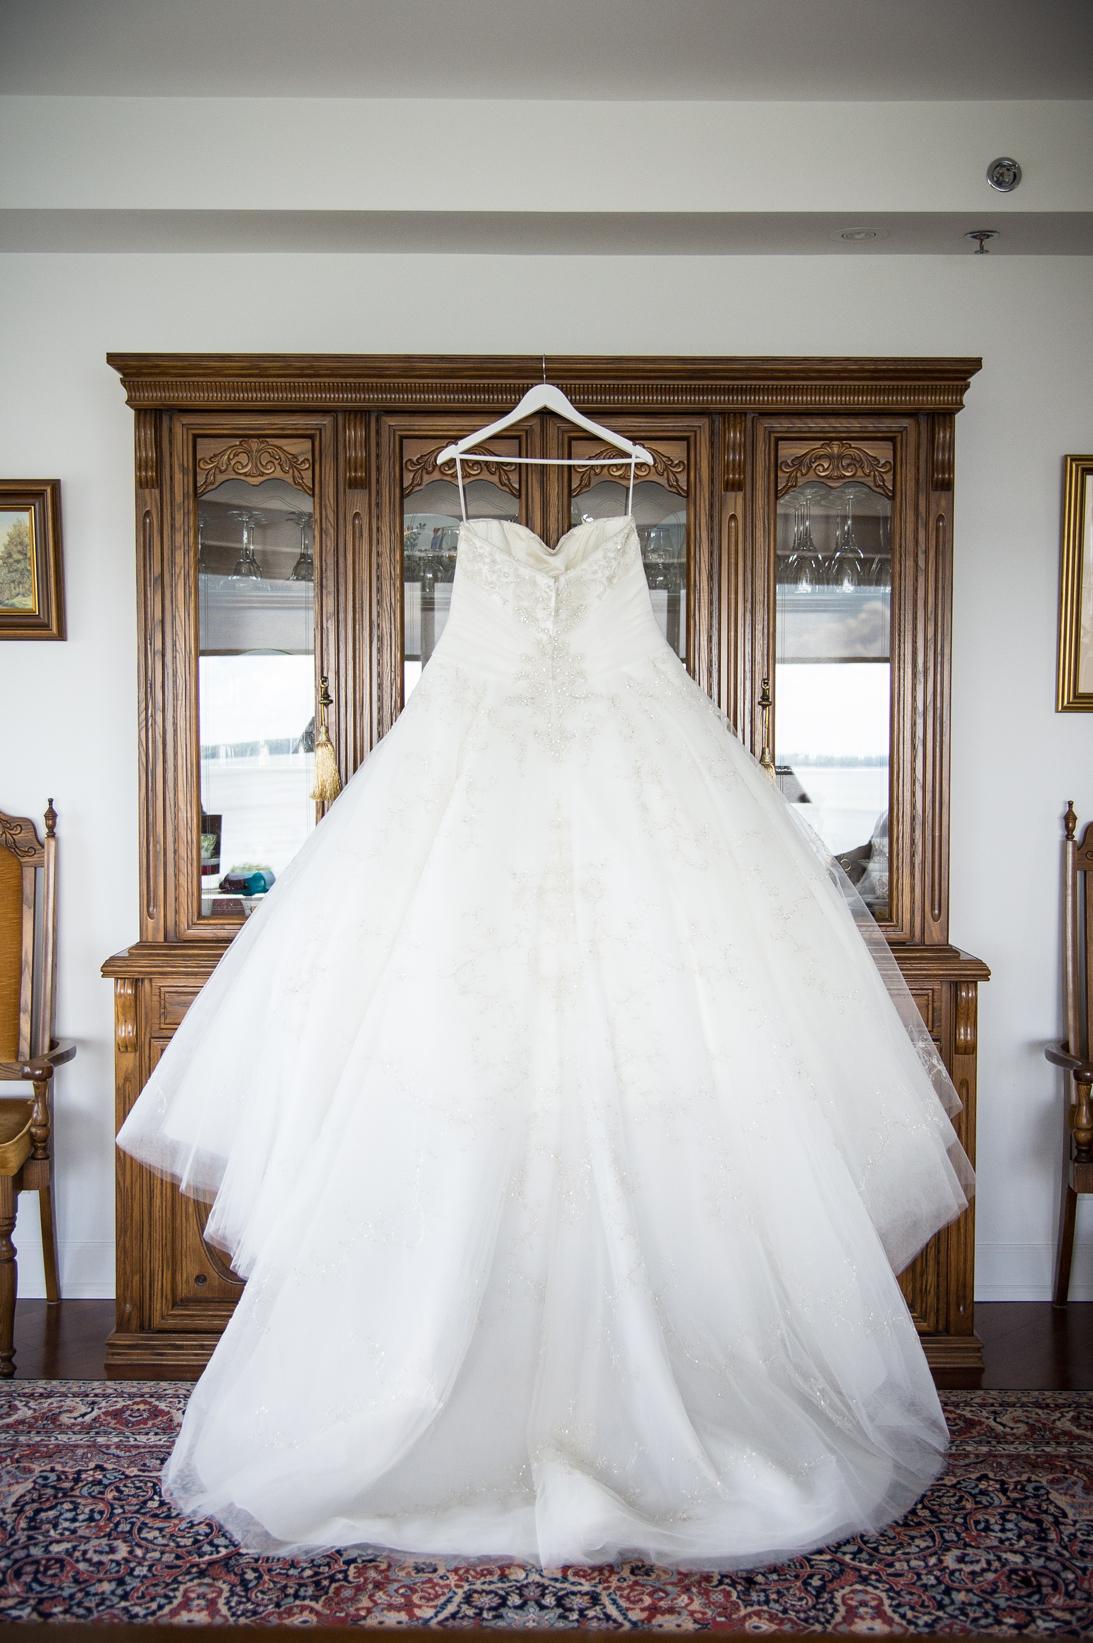 Le mariage étoilé franco-canadien et judéo-chrétien de Richan (6)